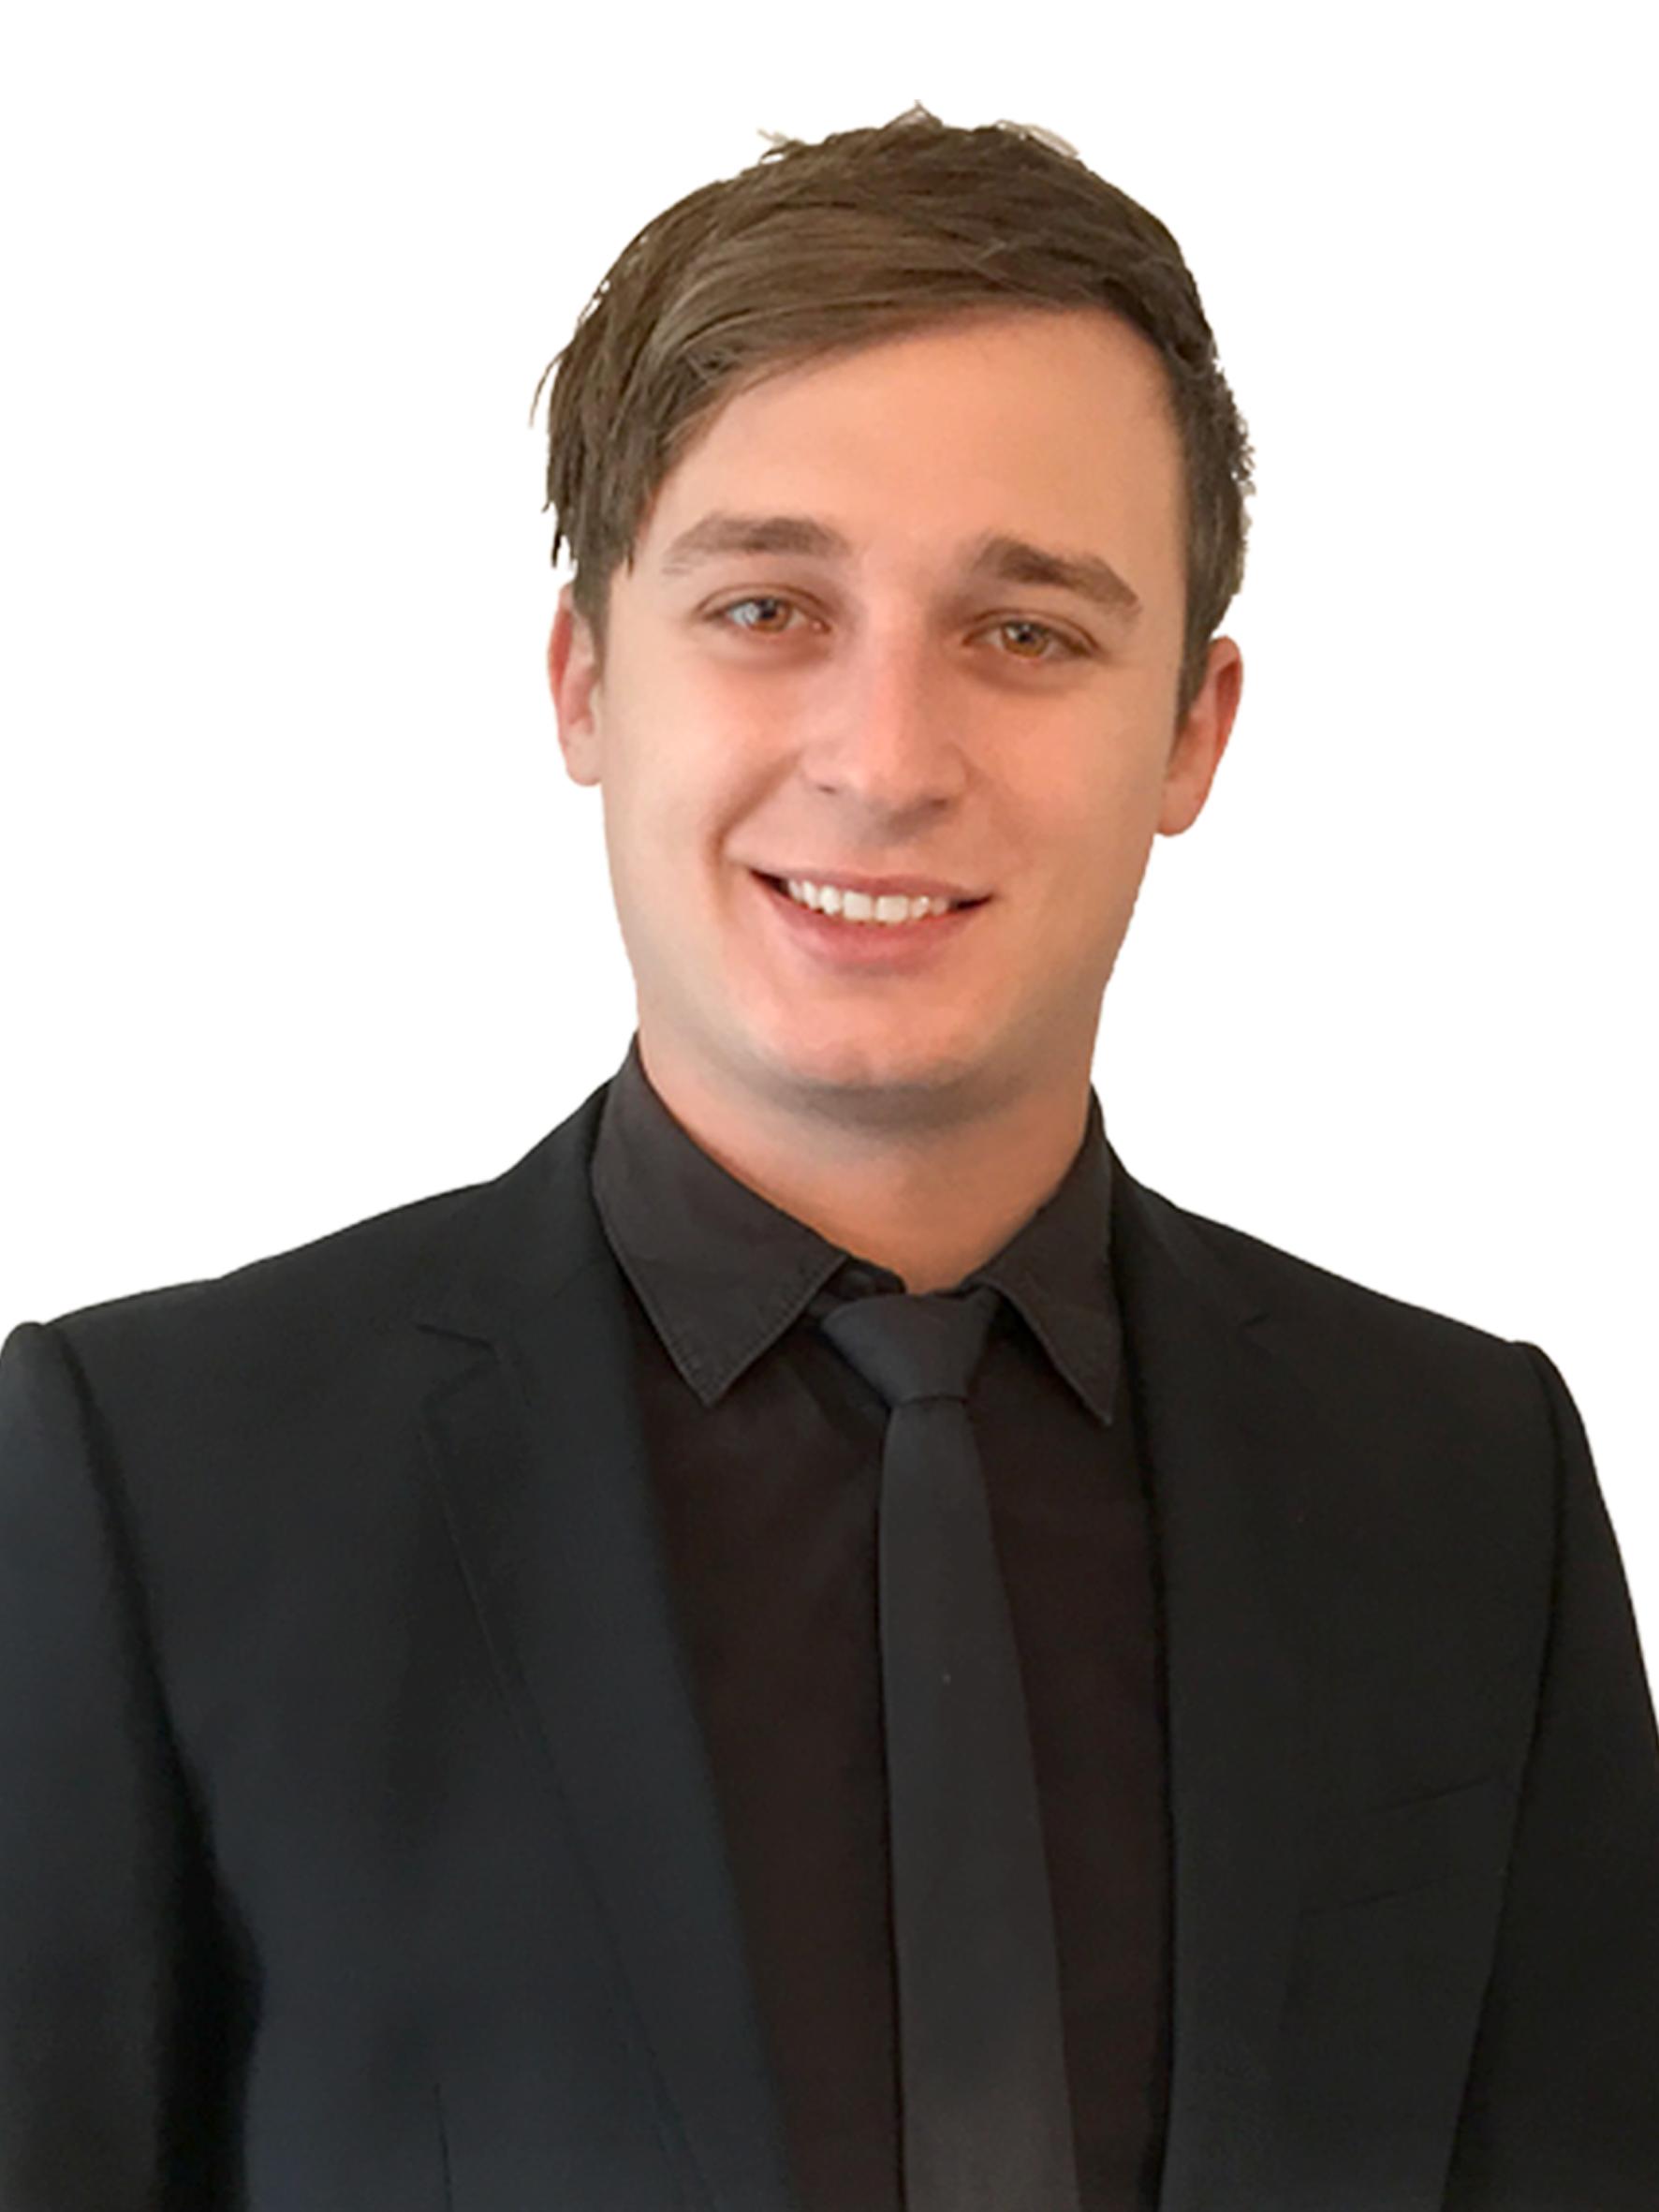 Ing. Mathias Wegscheider